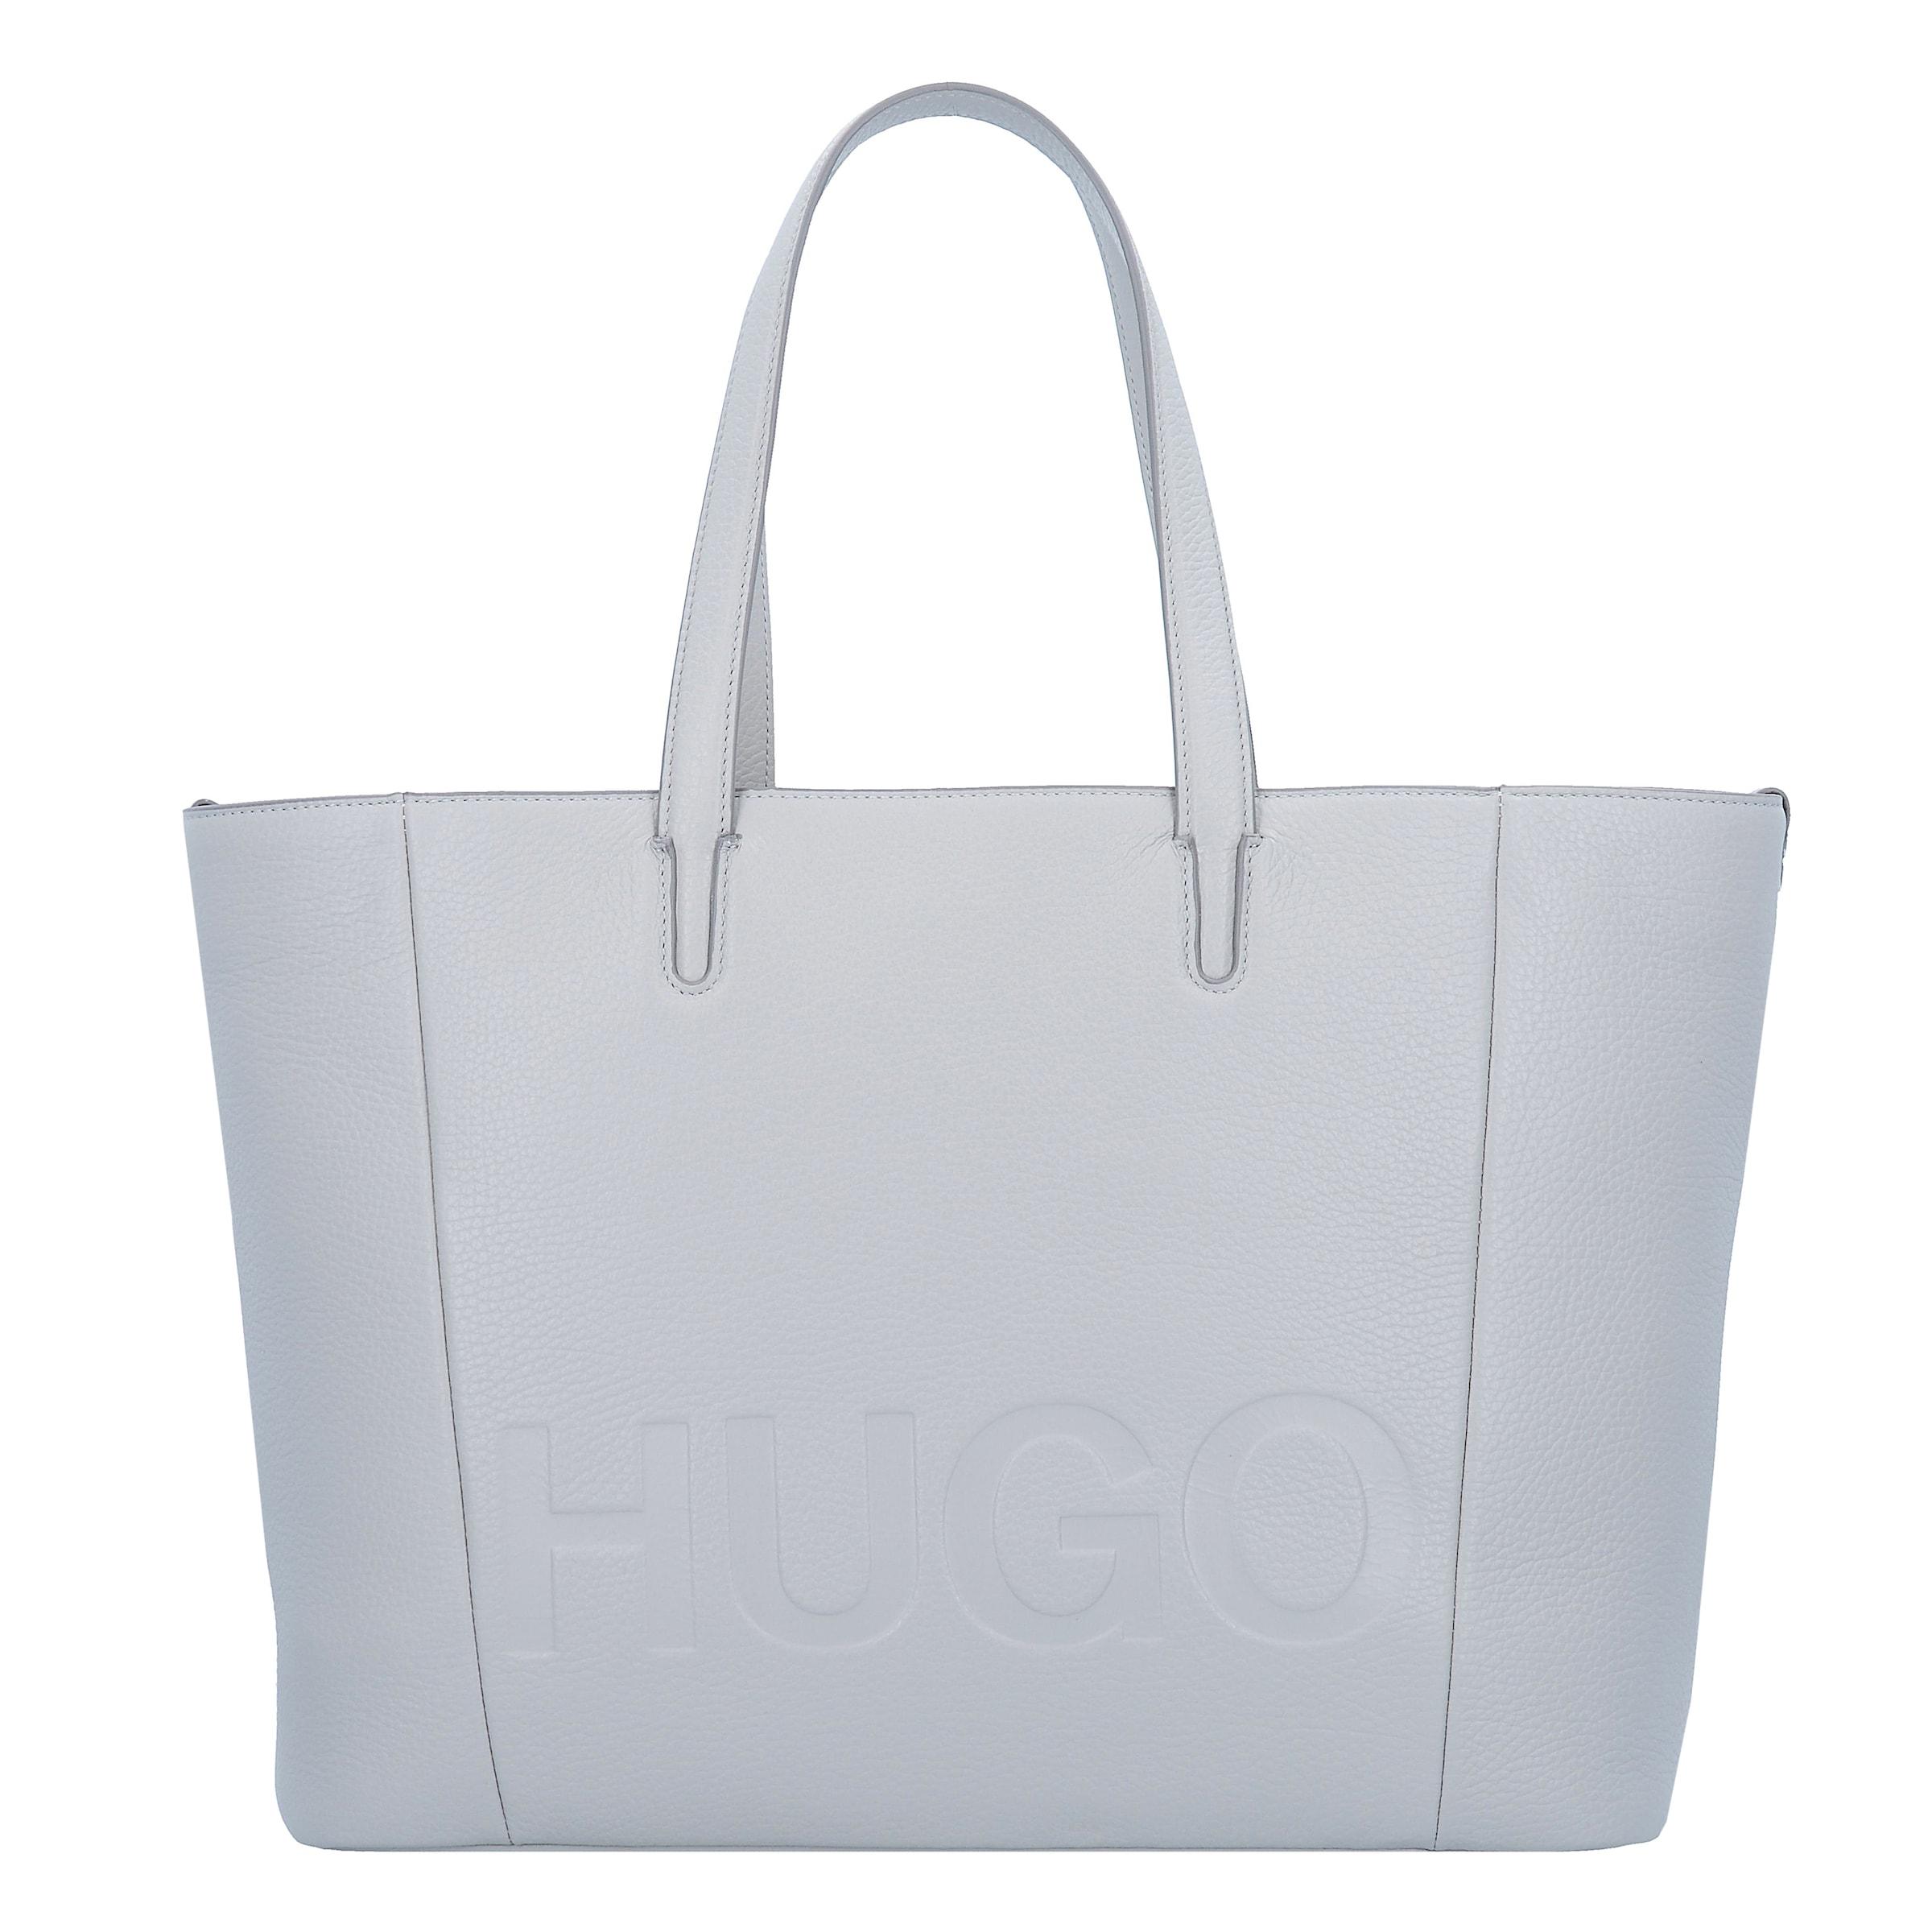 Auslasszwischenraum Store Größte Lieferant Für Verkauf HUGO Mayfair Shopper Tasche Leder 37 cm Nicekicks Verkauf Online Neuester Günstiger Preis ln7OHL